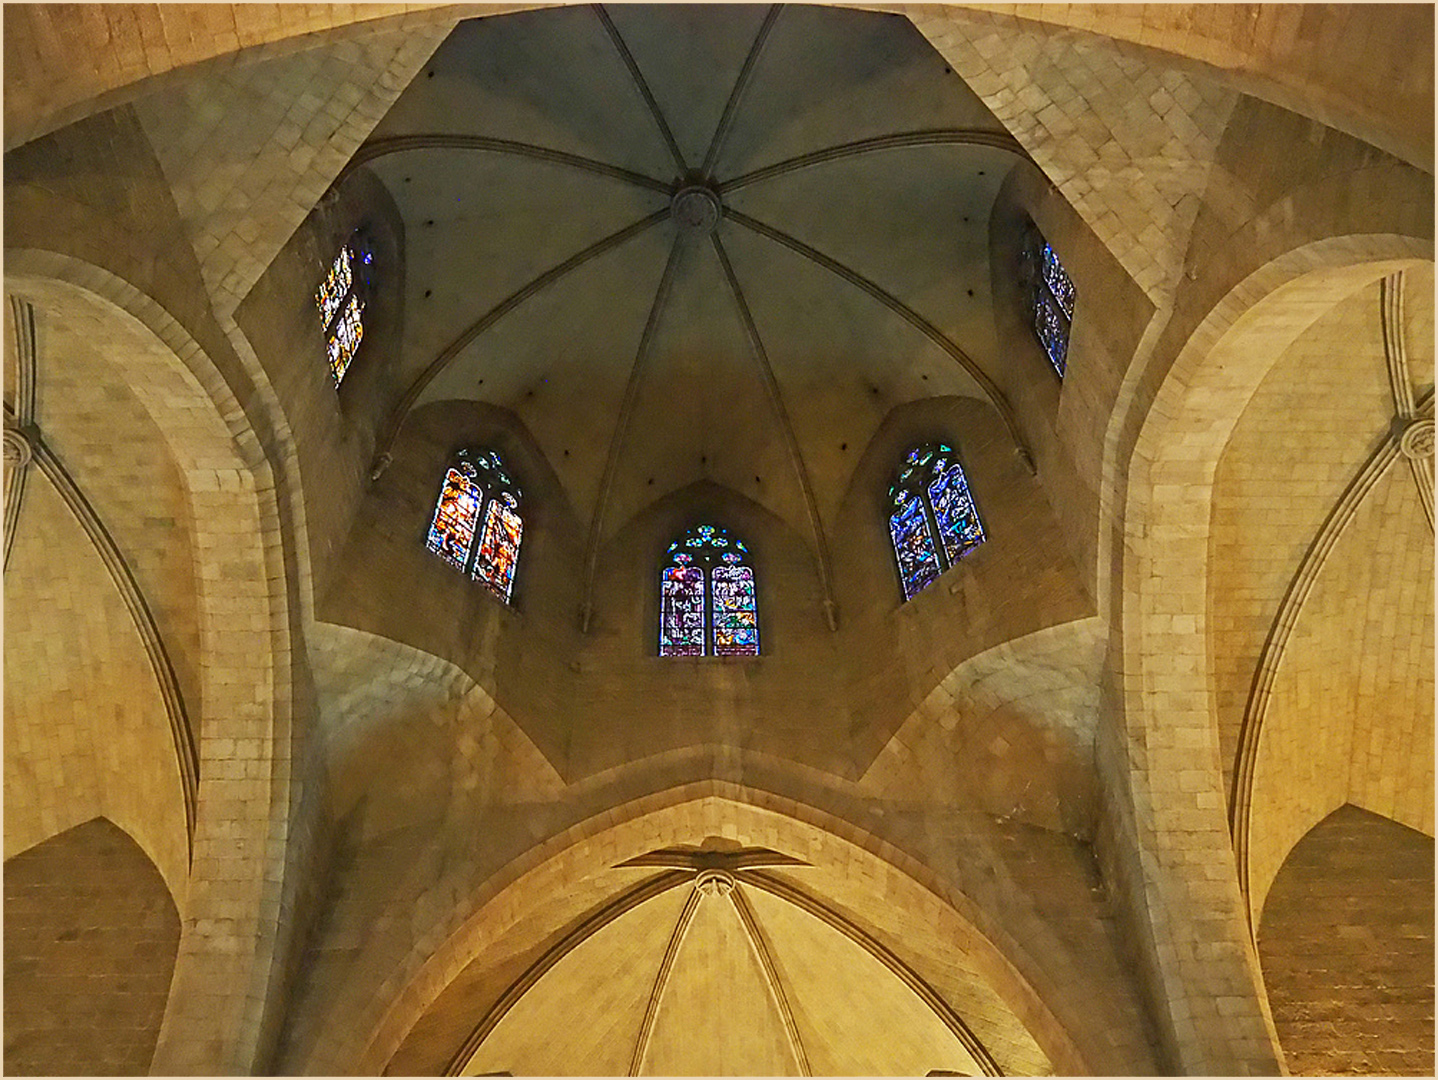 La coupole de l'Eglise Saint-Pierre de Figueras